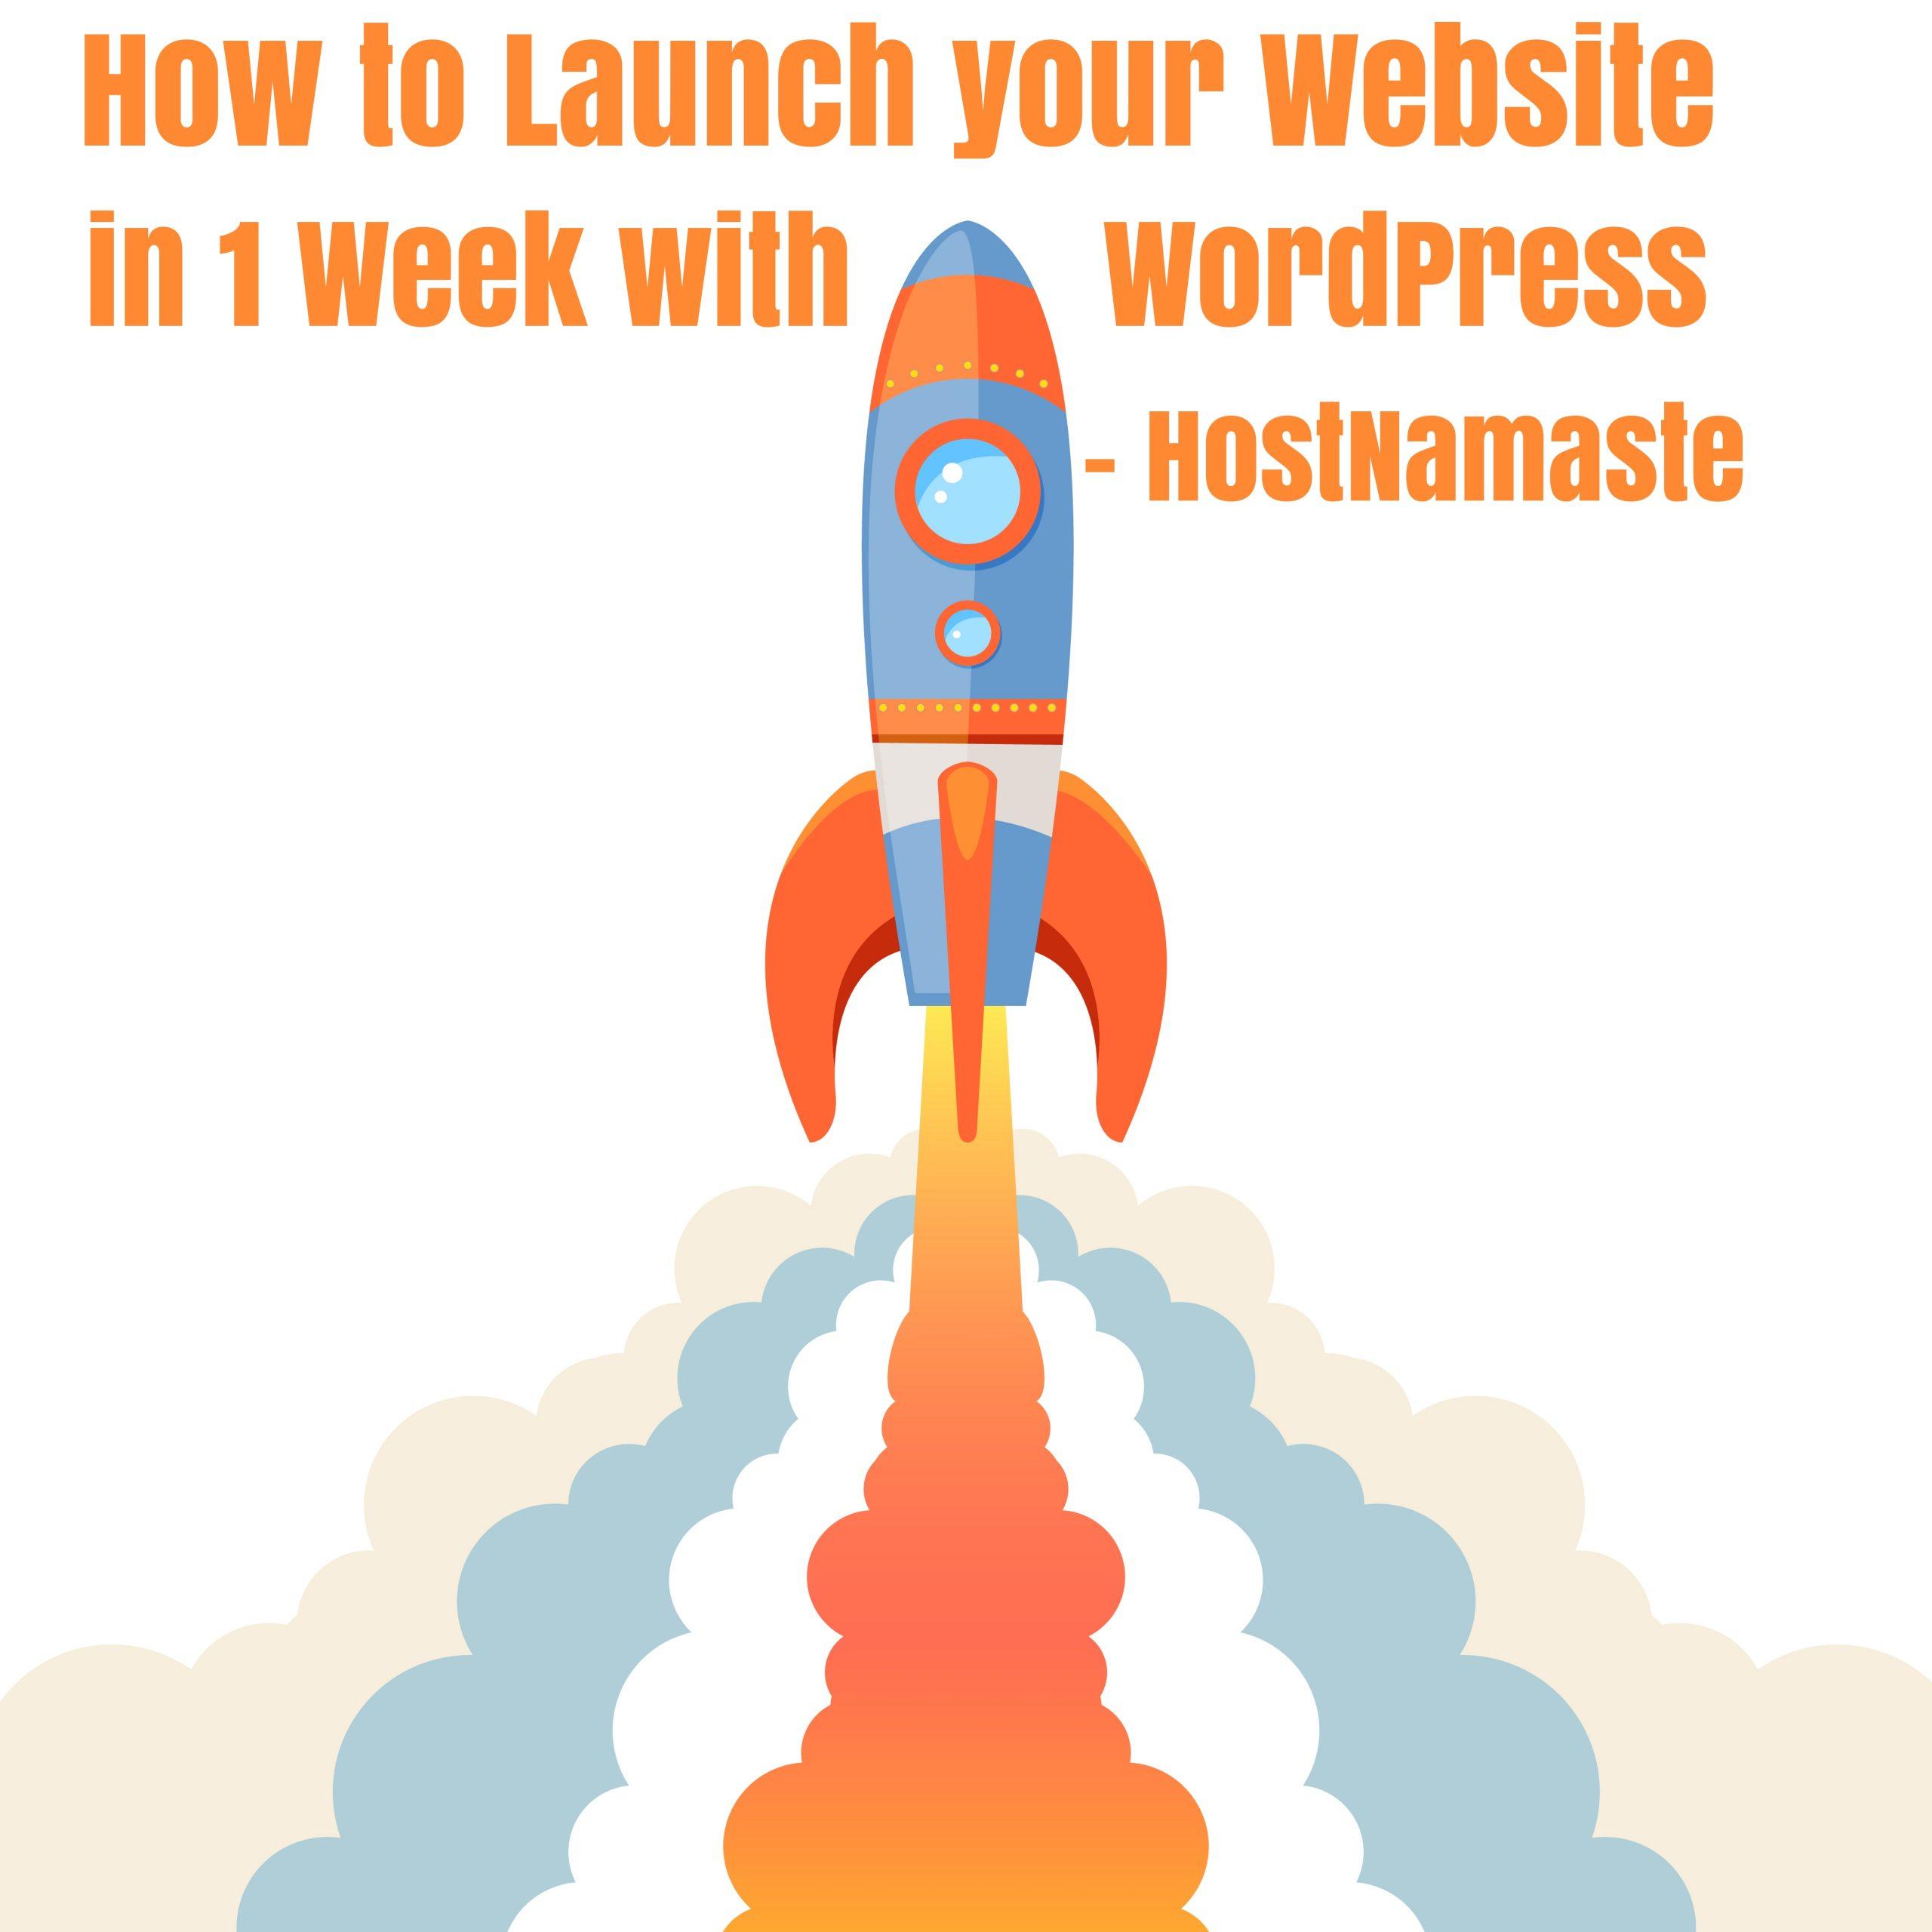 How to Launch your Website in 1 Week with WordPress - HostNamaste